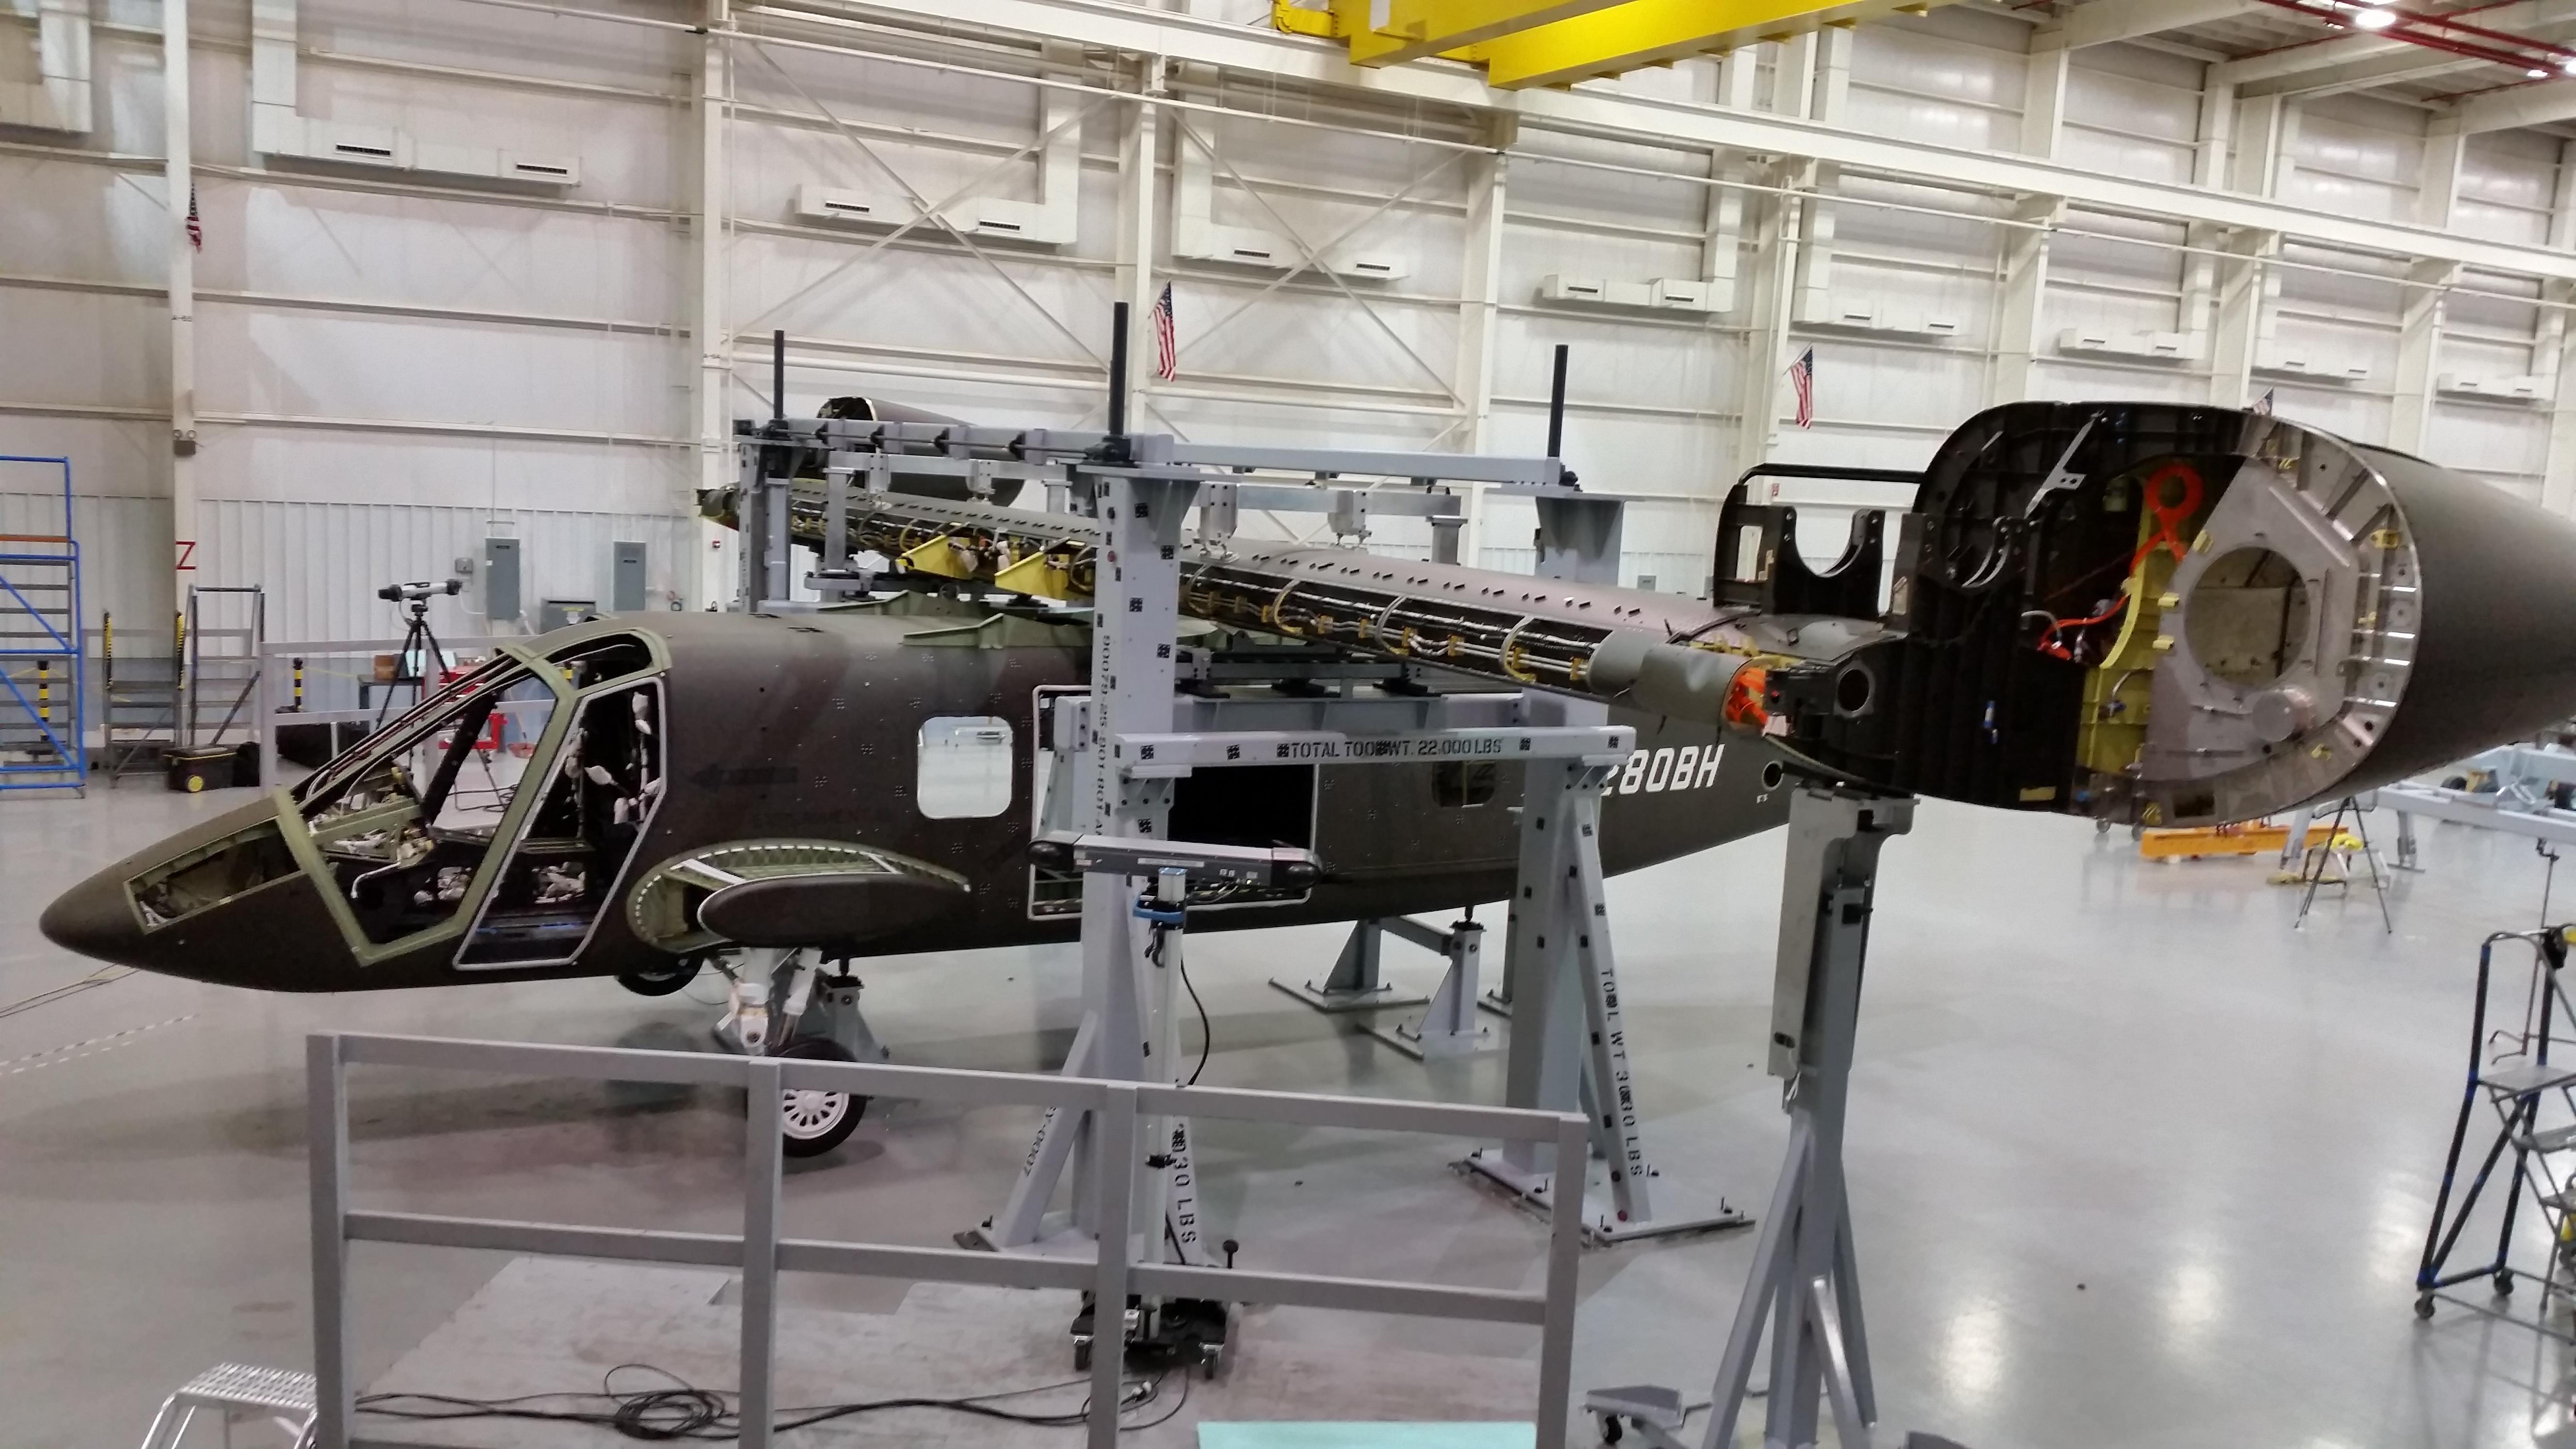 远超黑鹰:贝尔直升机公司展示第二代倾转旋翼机